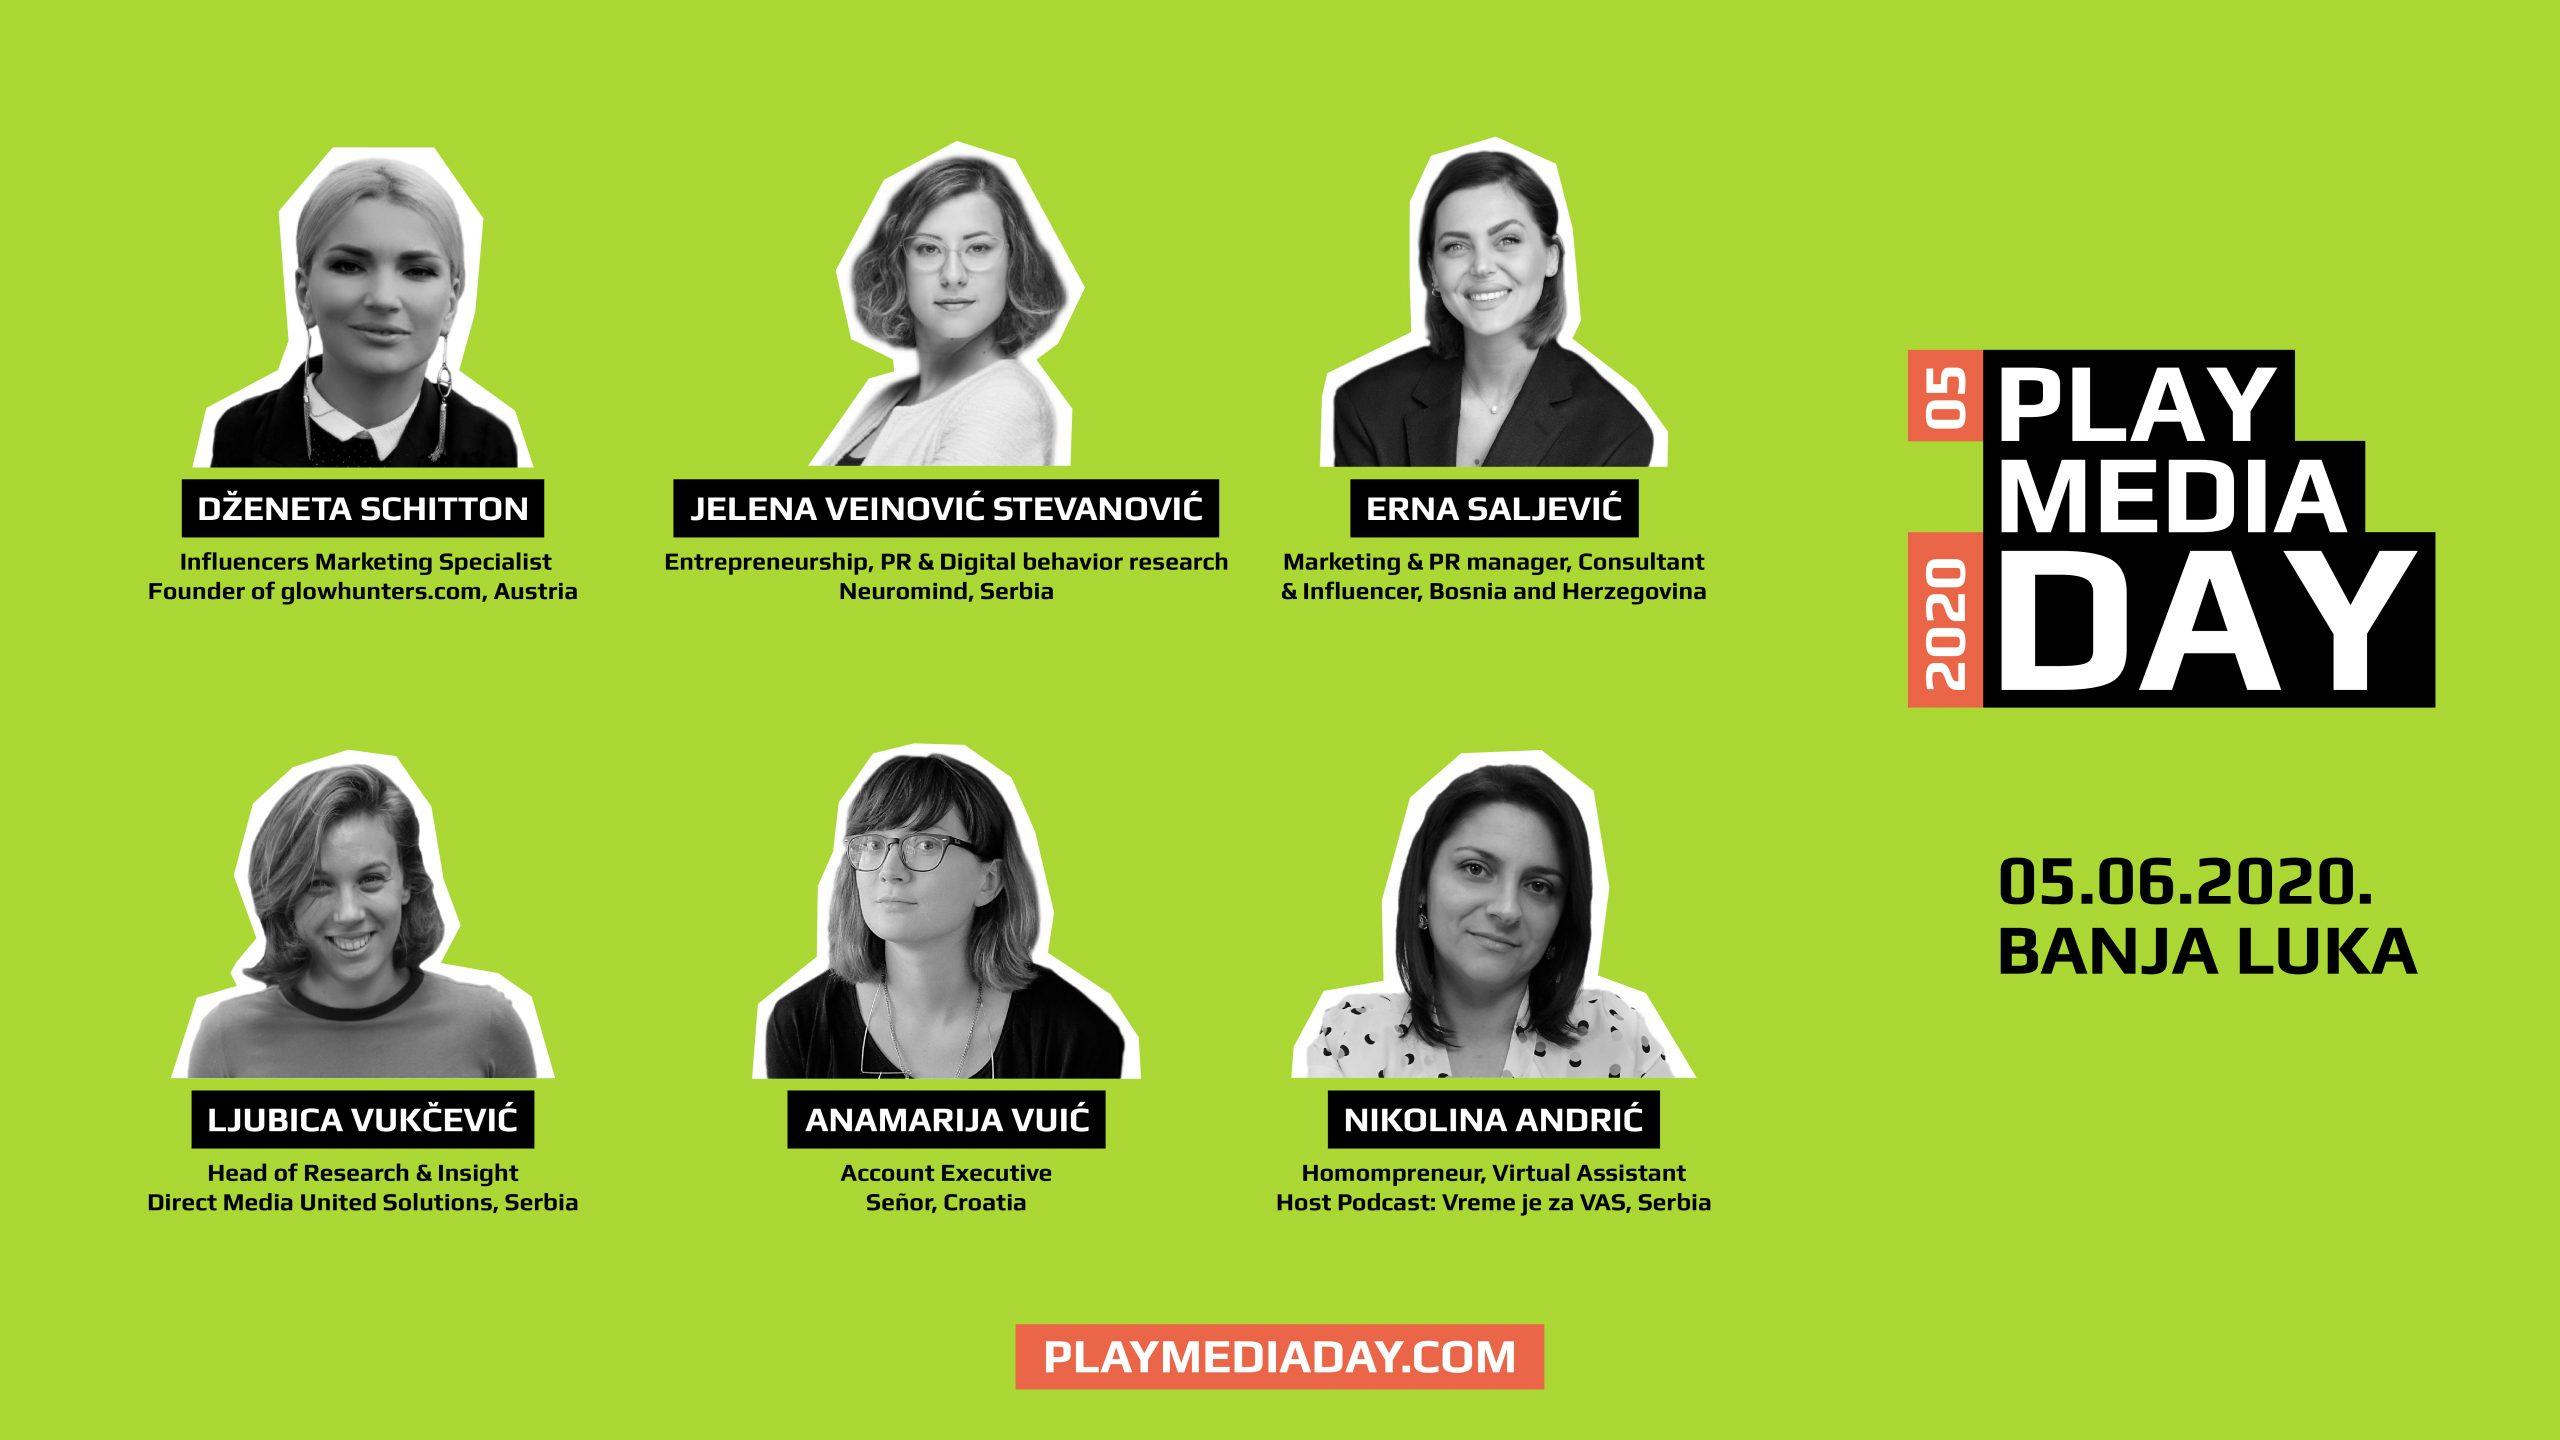 Poznato novih 6 imena koja dolaze na 5. Play Media Day!